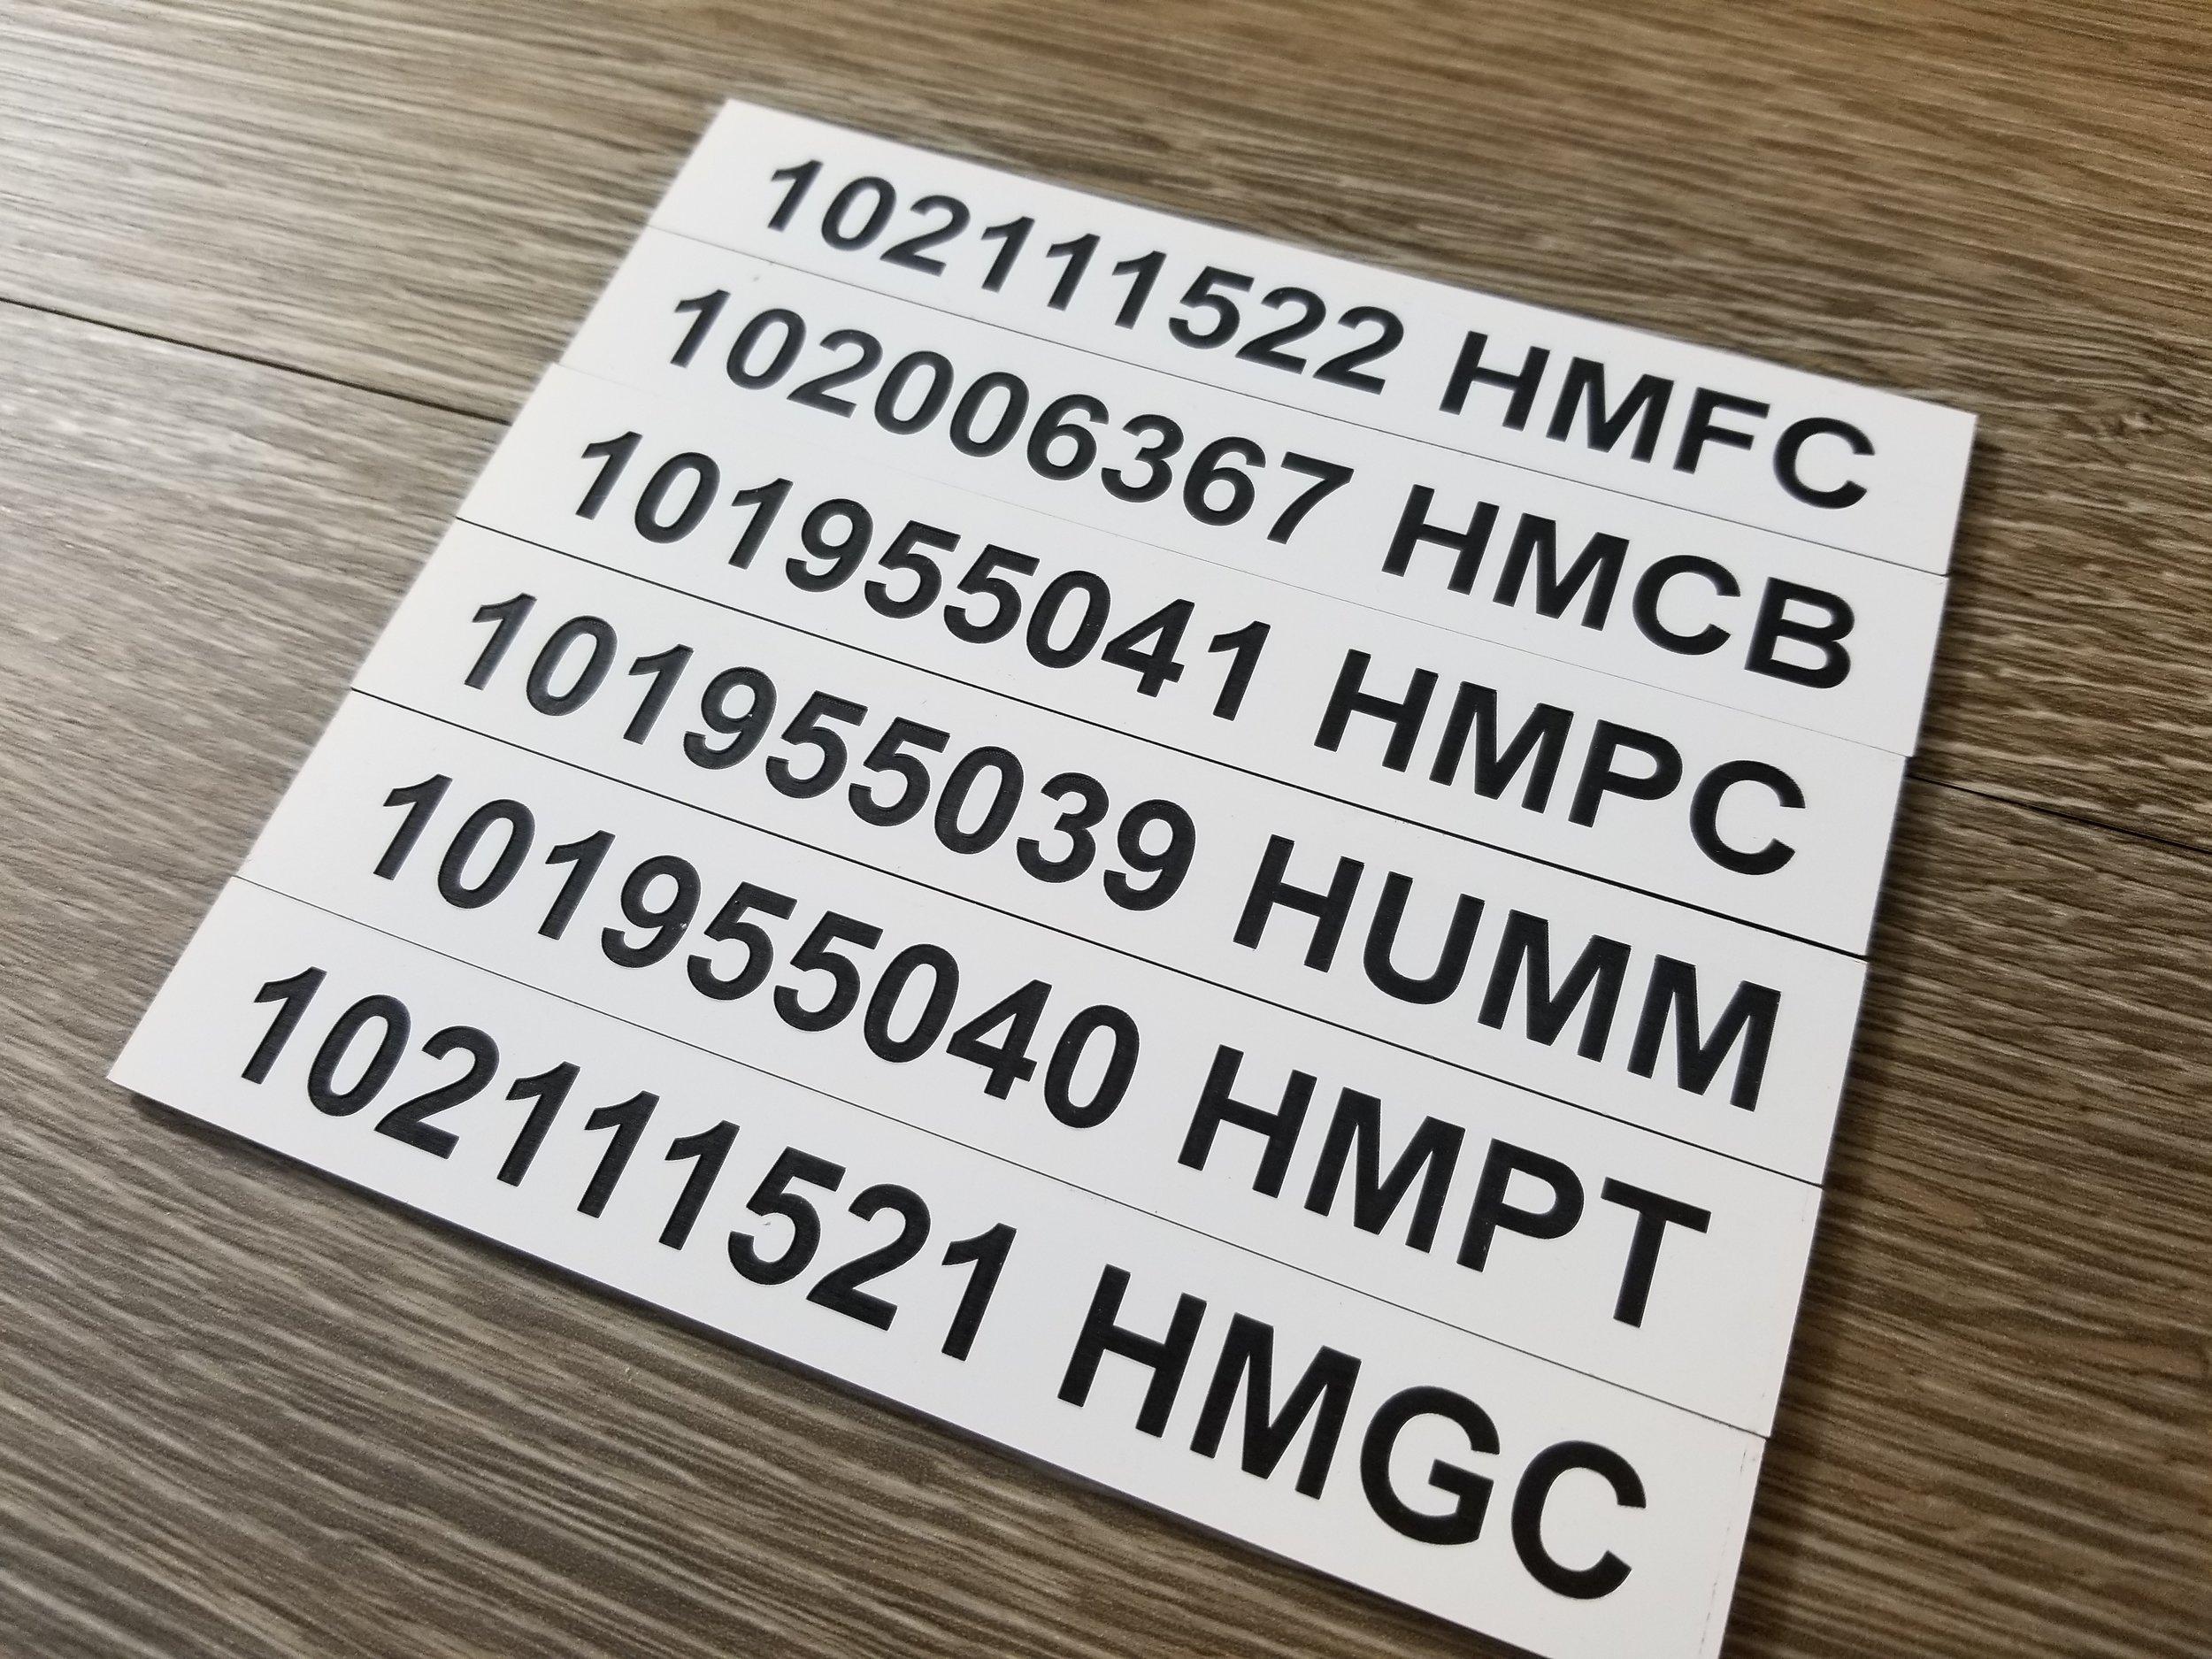 Custom Engraved Plastic Tags - Custom Phenolic Tags - Engraved Phenolic Tags - Engraved Plastic Tags - Industrial Engraving - Engrave It Houston